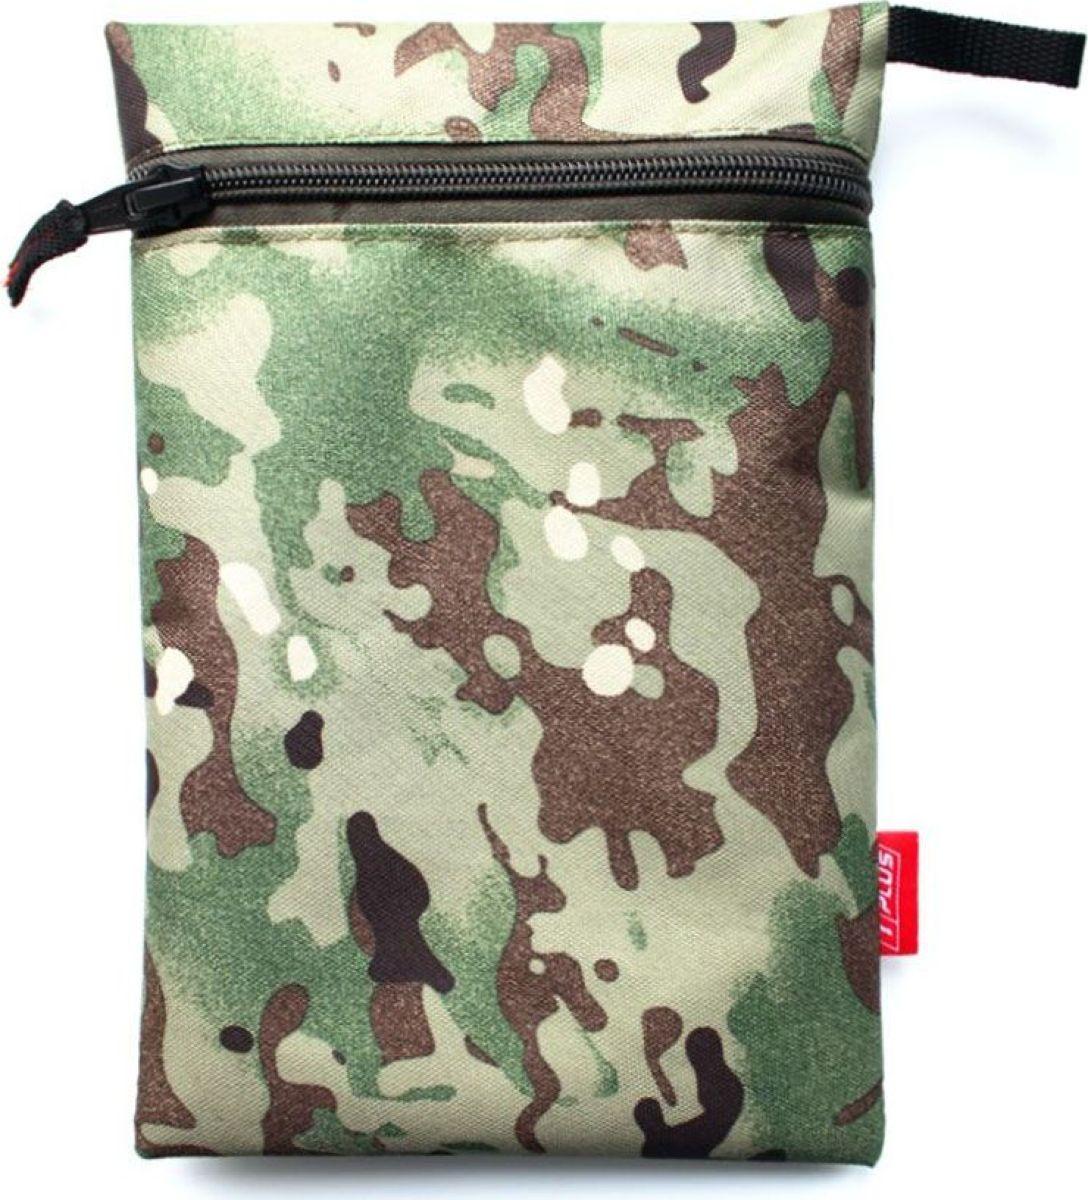 Мешок вещевой Tplus 600, 15 x 23 см, цвет: нато сумка для такелажной оснастки tplus сompact t009399